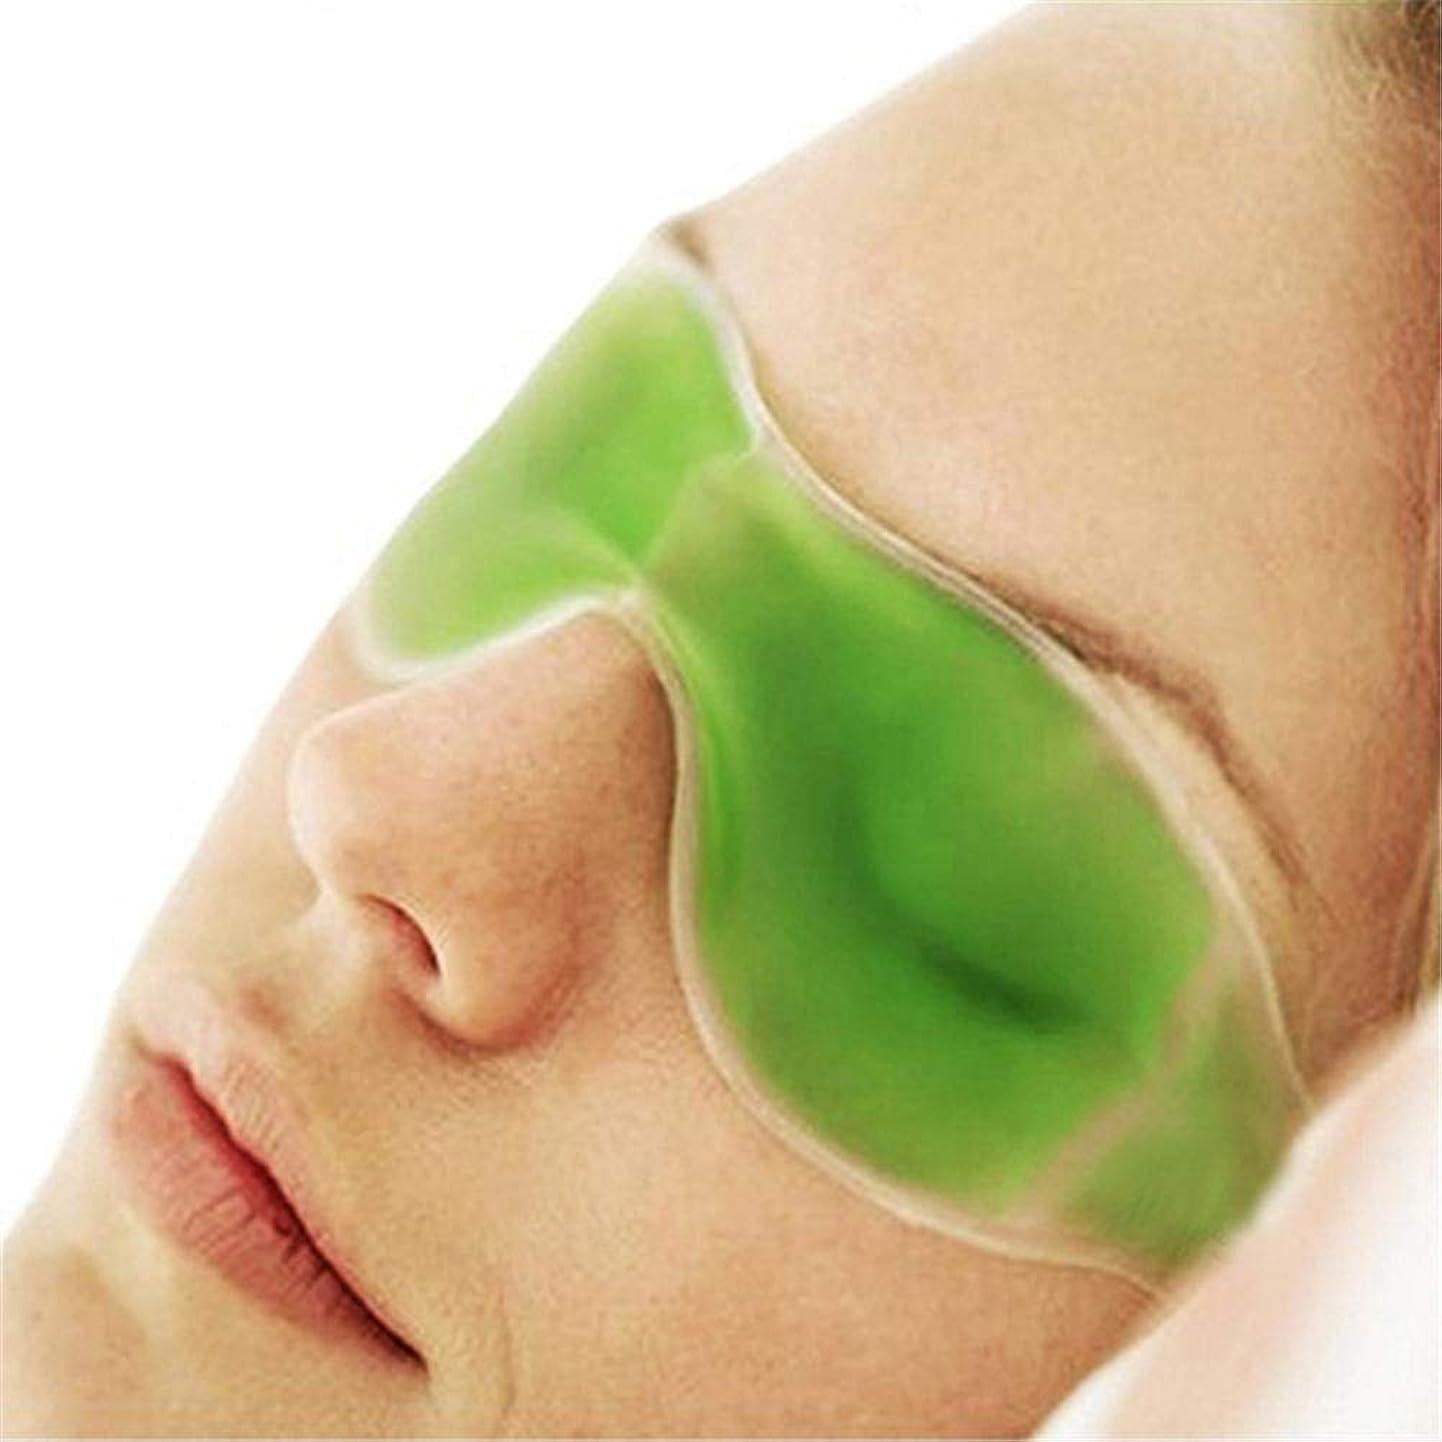 ピストン性交せせらぎNOTE 1ピースコールドアイマスクアイス圧縮アイスゴーグル疲労緩和除去ダークサークルアイスバッグ効率的な睡眠アイマスク(ランダムカラー)